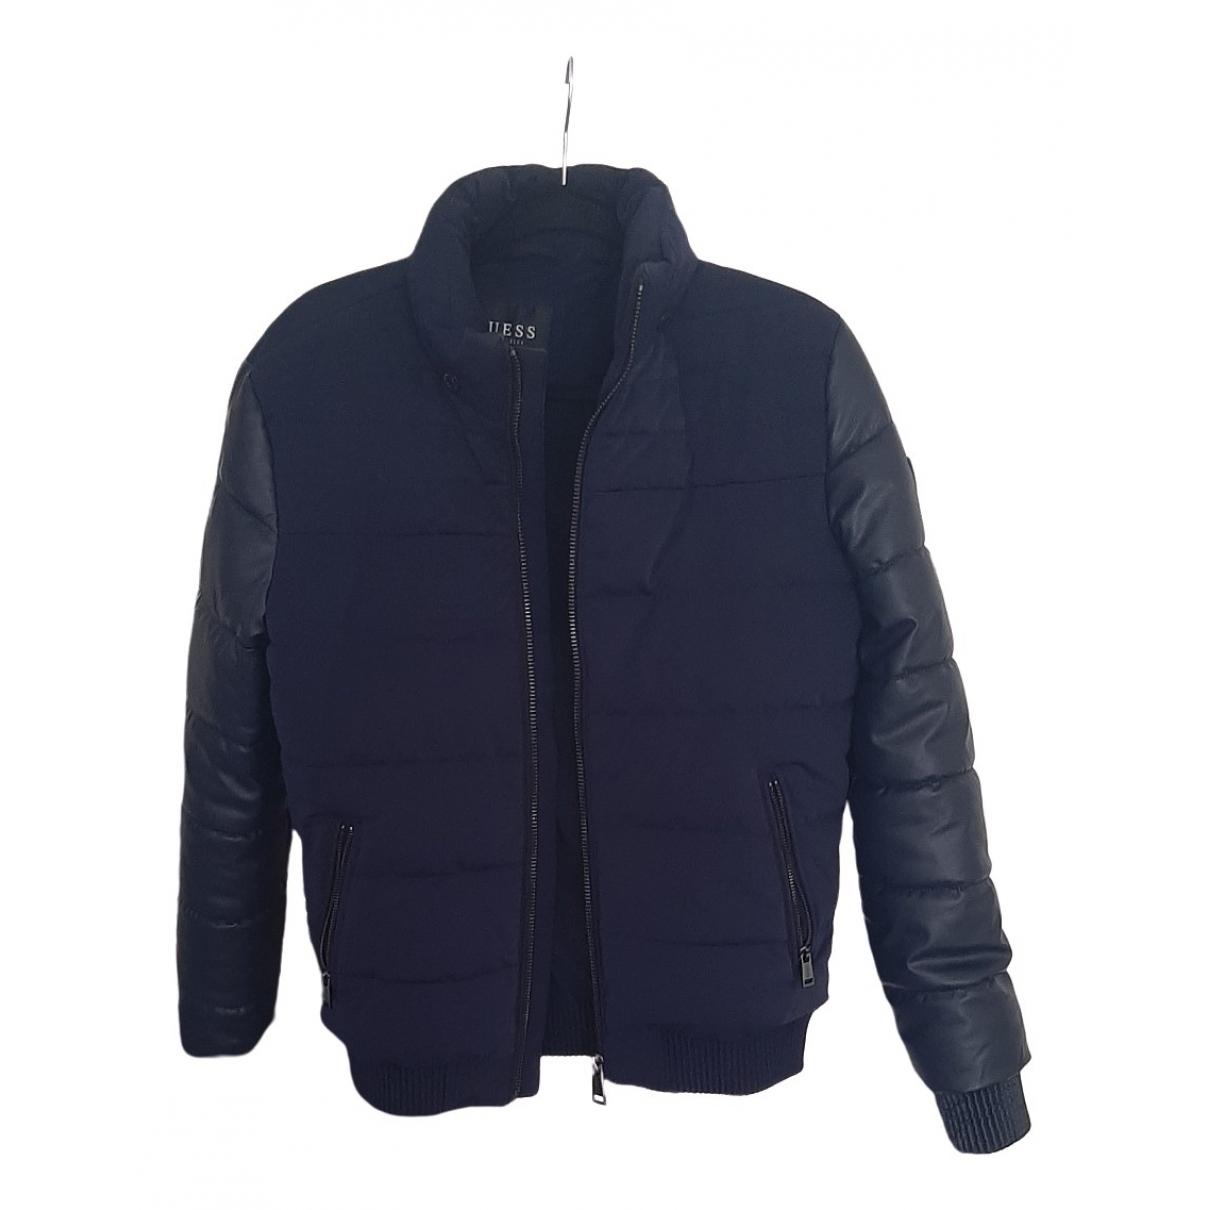 Guess \N Blue jacket  for Men S International